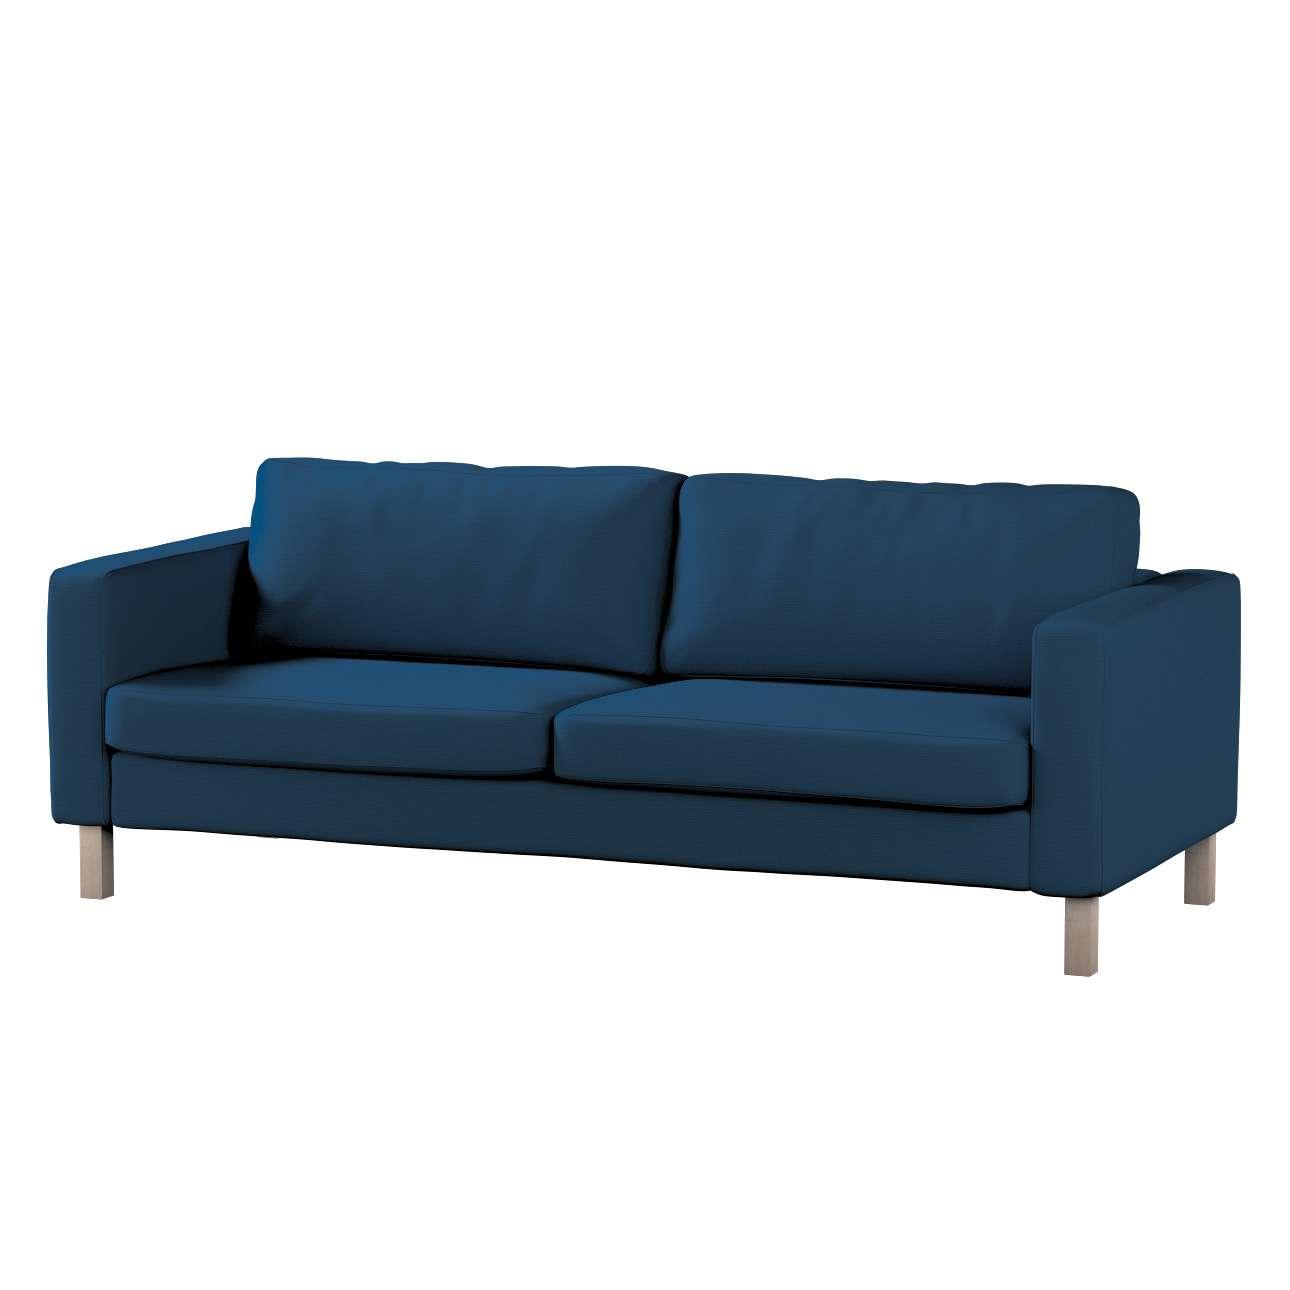 KARSLTAD trvivietės sofos užvalkalas Karlstad 3-vietės sofos užvalkalas (neišlankstomai sofai) kolekcijoje Cotton Panama, audinys: 702-30